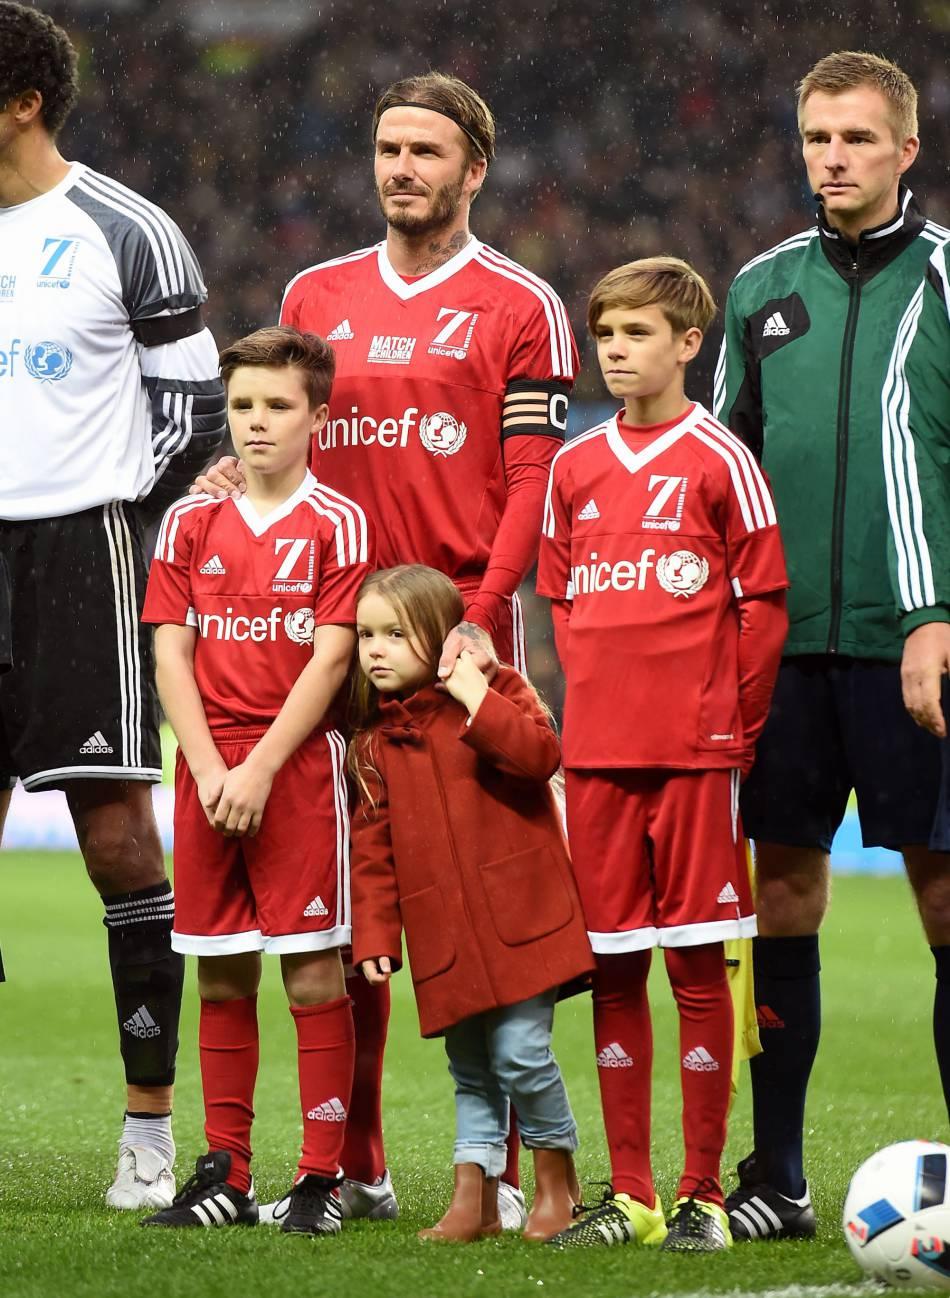 Harper Seven Beckham terriblement craquante auprès de son papa et de ses grands frères.